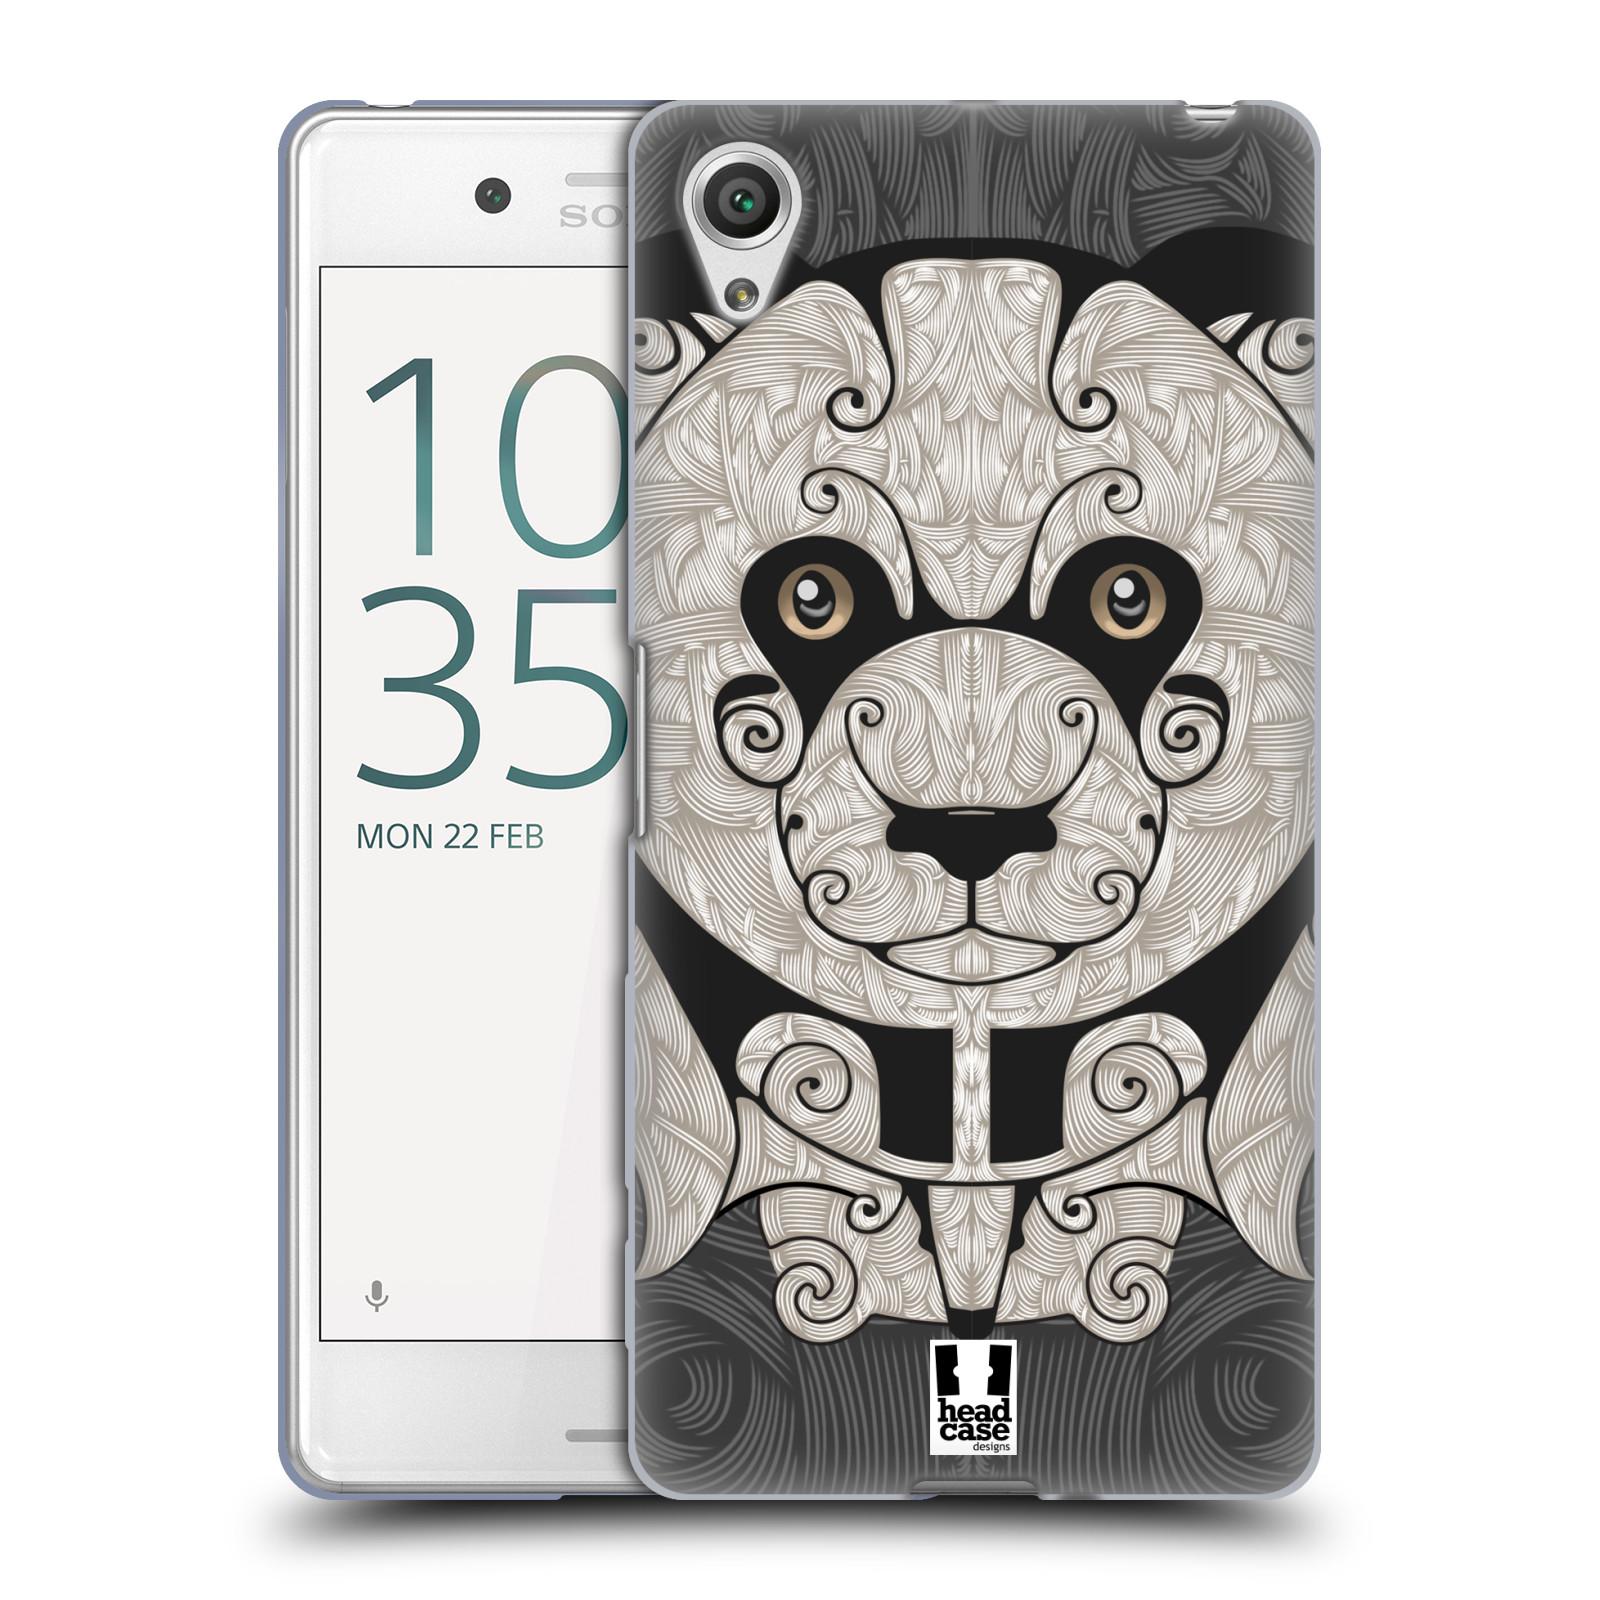 HEAD CASE silikonový obal na mobil Sony Xperia X PERFORMANCE (F8131, F8132) vzor kudrlinky zvíře panda